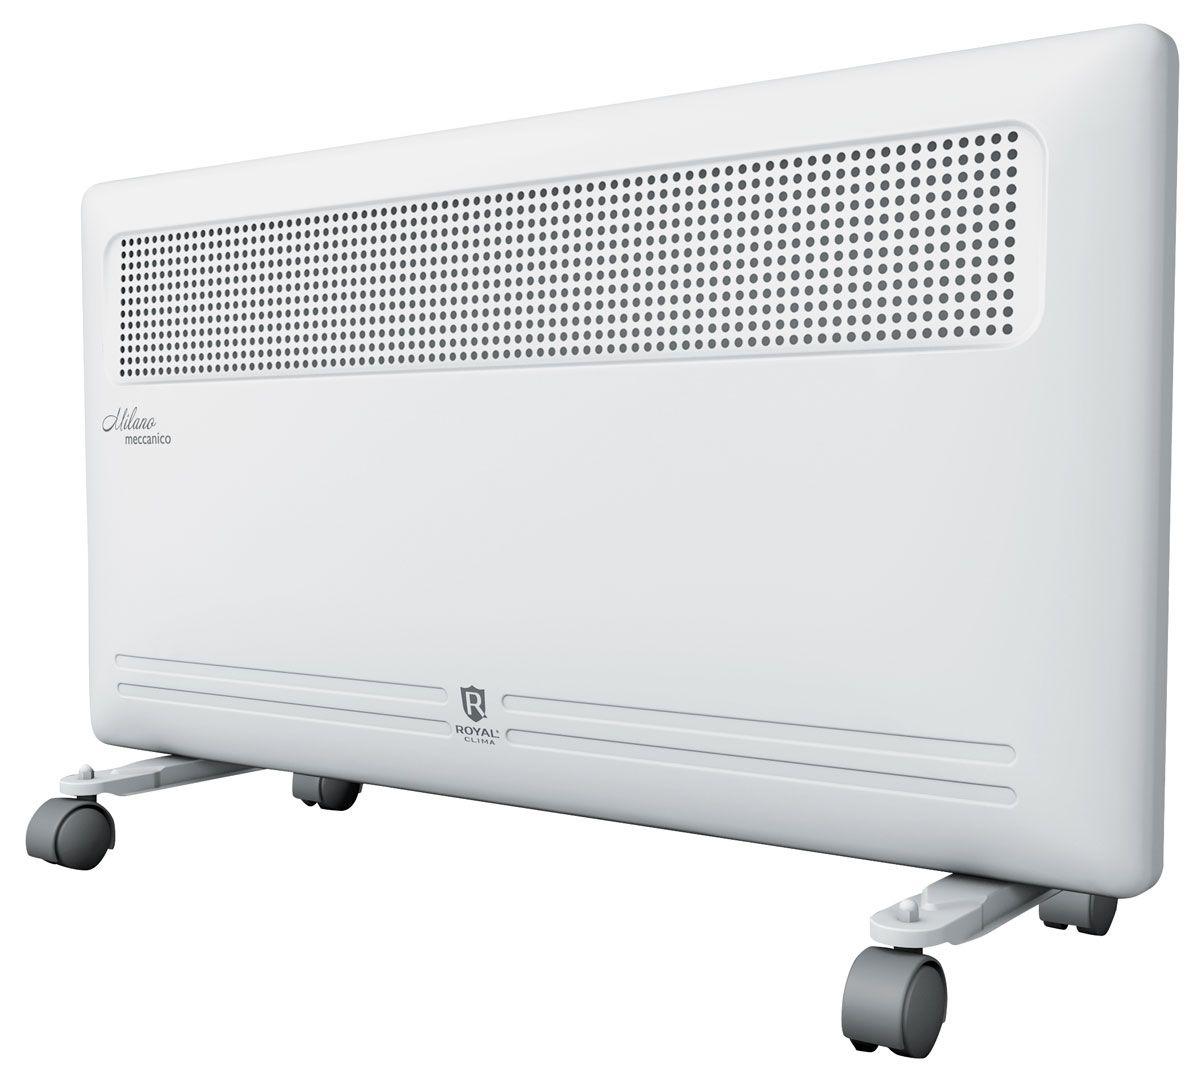 Royal Clima REC-M2000M электрический конвекторREC-M2000MНовинка сезона конвекторы MILANO meccanico - это идеальное сочетание высокого качества, производительности и безопасности использования в изысканном итальянском дизайне.Эксклюзивная конструкция воздухораздаточного отверстия увеличенной площади обеспечивает равномерный прогрев всего помещения. Высокая эффективность работы конвектора достигается благодаря литому алюминиевому нагревательному X-элементу X-ROYAL Long Life Heater, который обладает увеличенной площадью теплообмена и сниженной температурой поверхности. Нагревательный элемент нового поколения обеспечивает мгновенный разогрев за 10-20 секунд, высокую эффективность распределения тепла, и при этом не пересушивает воздух и не сжигает кислород. Все необходимые опции и режимы, система безопасной эксплуатации Security Project, легкая установка и эксплуатация делают серию Milano Meccanico незаменимой для Вашего дома.